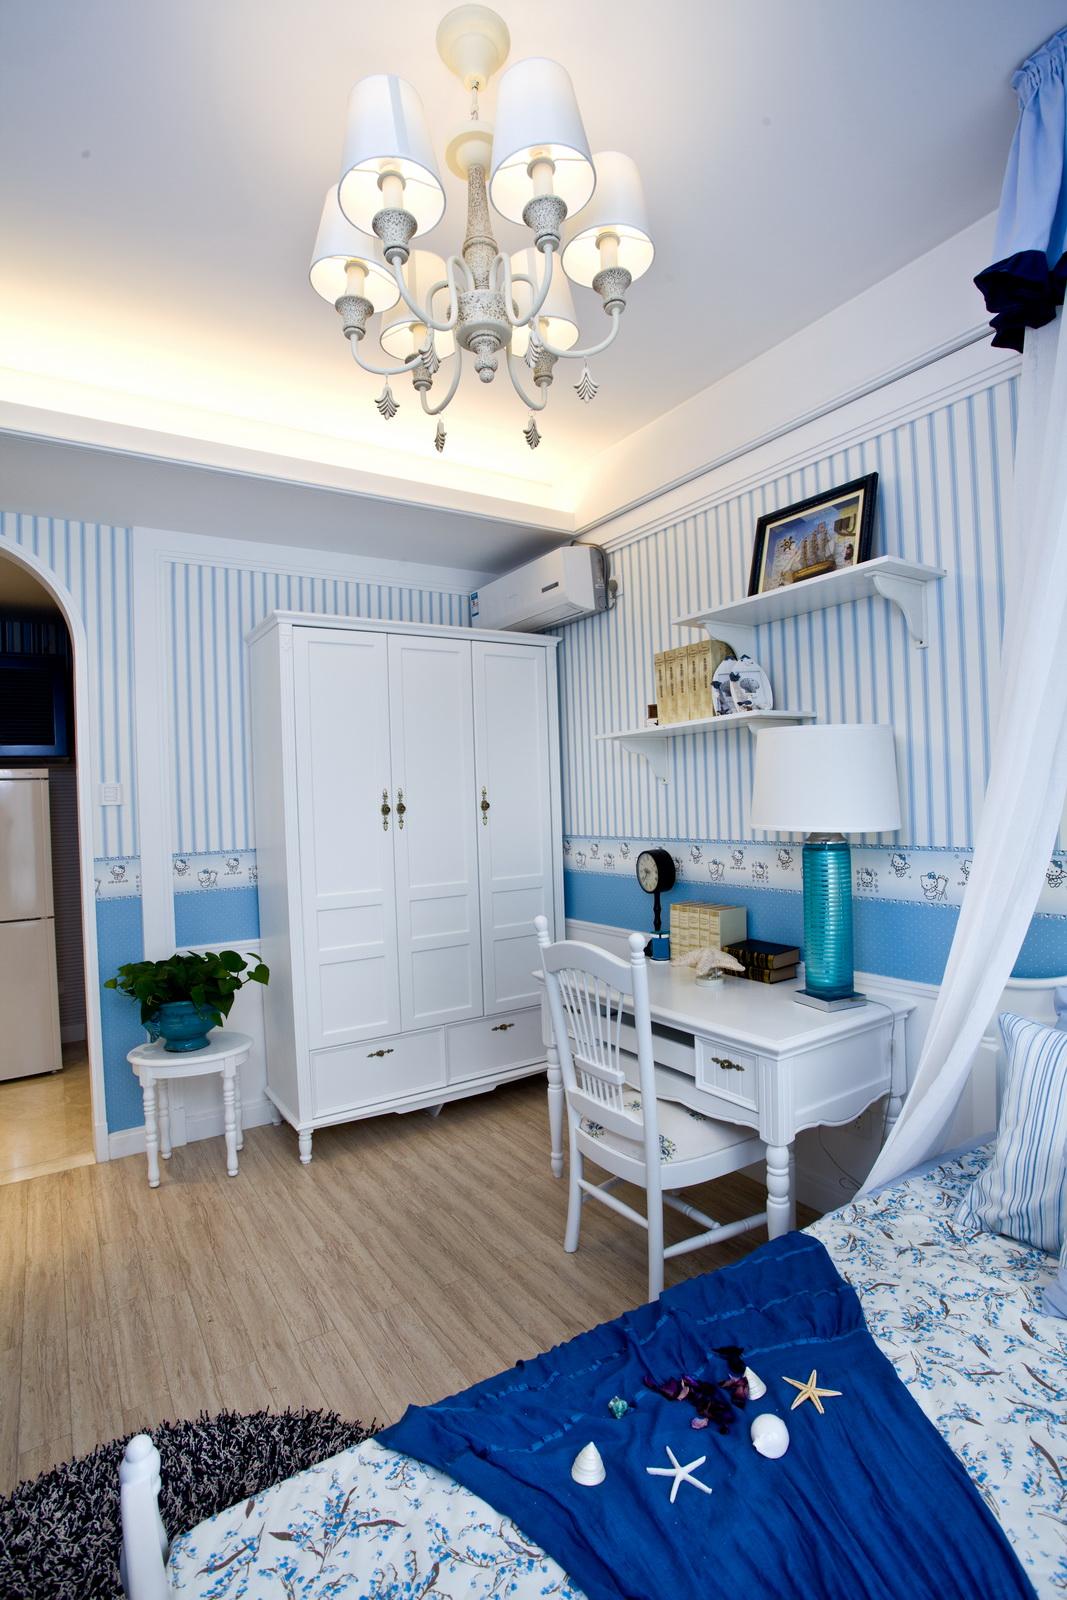 三居室地中海风格装修书桌衣柜设计图